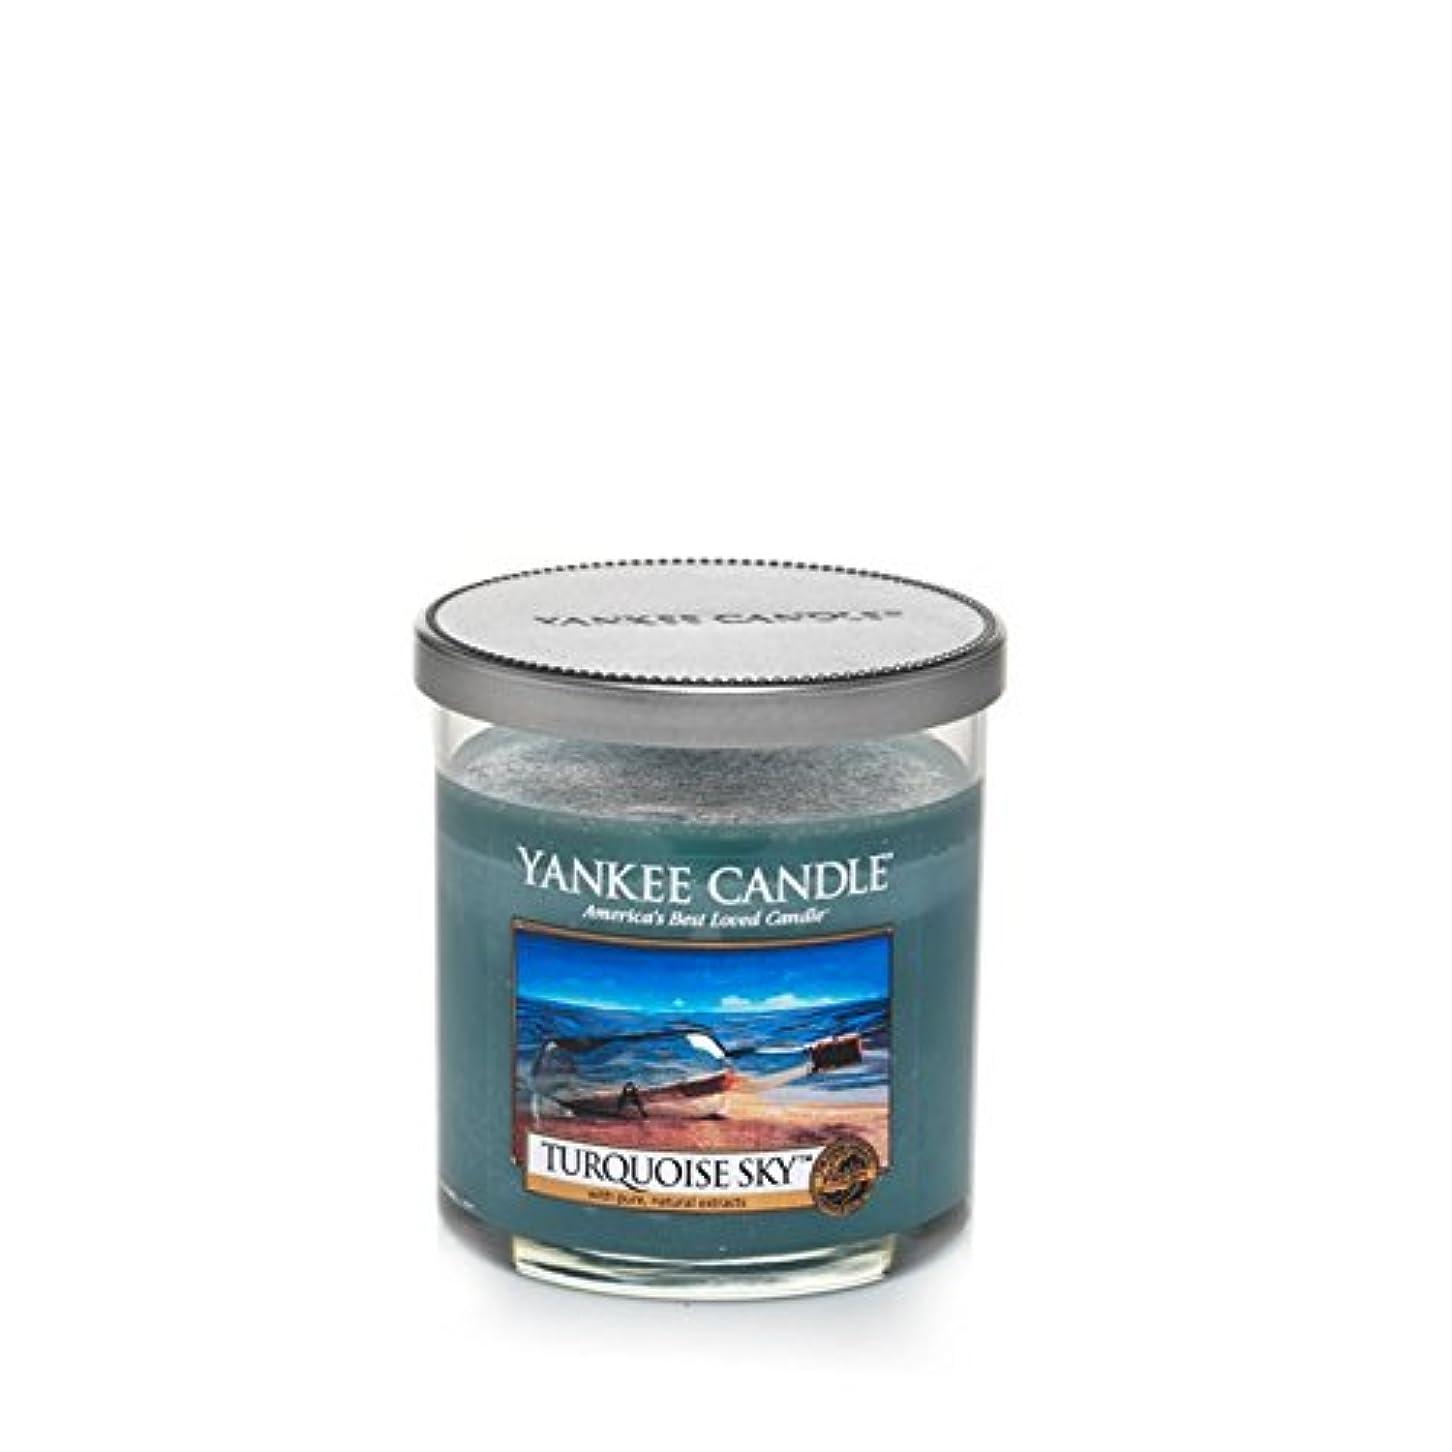 オズワルドコンドーム調和Yankee Candles Small Pillar Candle - Turquoise Sky (Pack of 2) - ヤンキーキャンドルの小さな柱キャンドル - ターコイズの空 (x2) [並行輸入品]